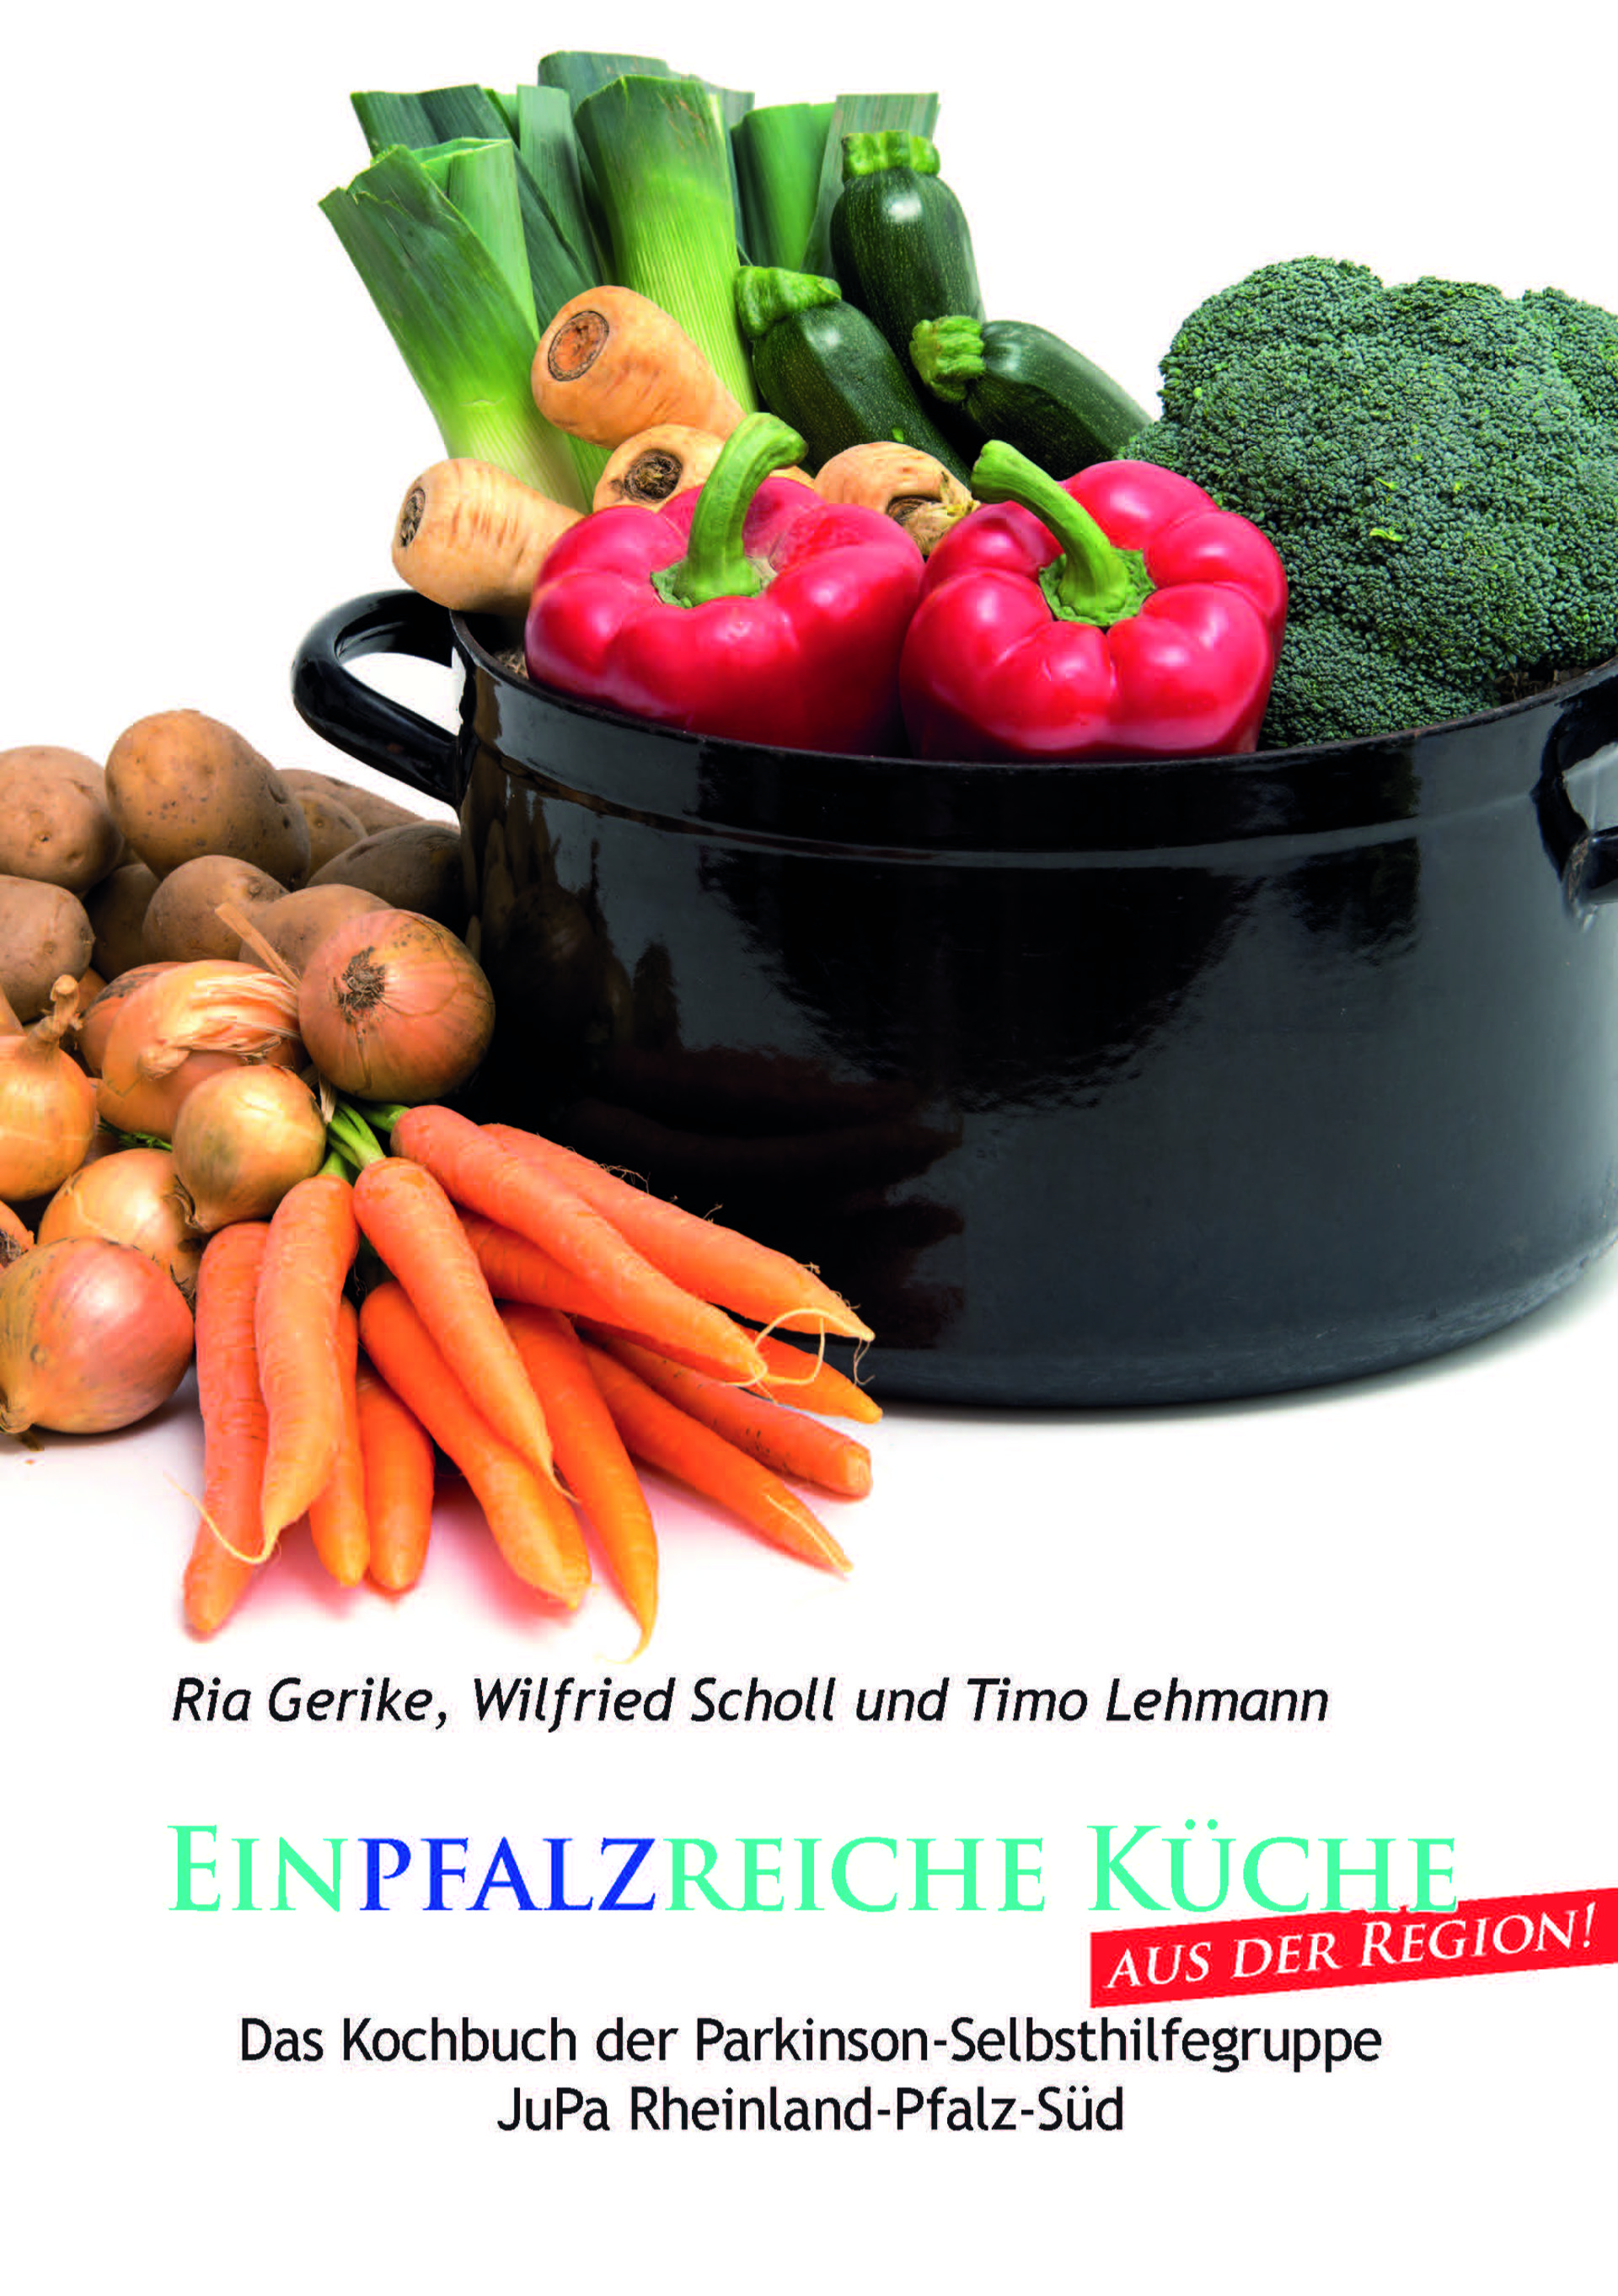 Einpfalzreiche Küche aus der Region